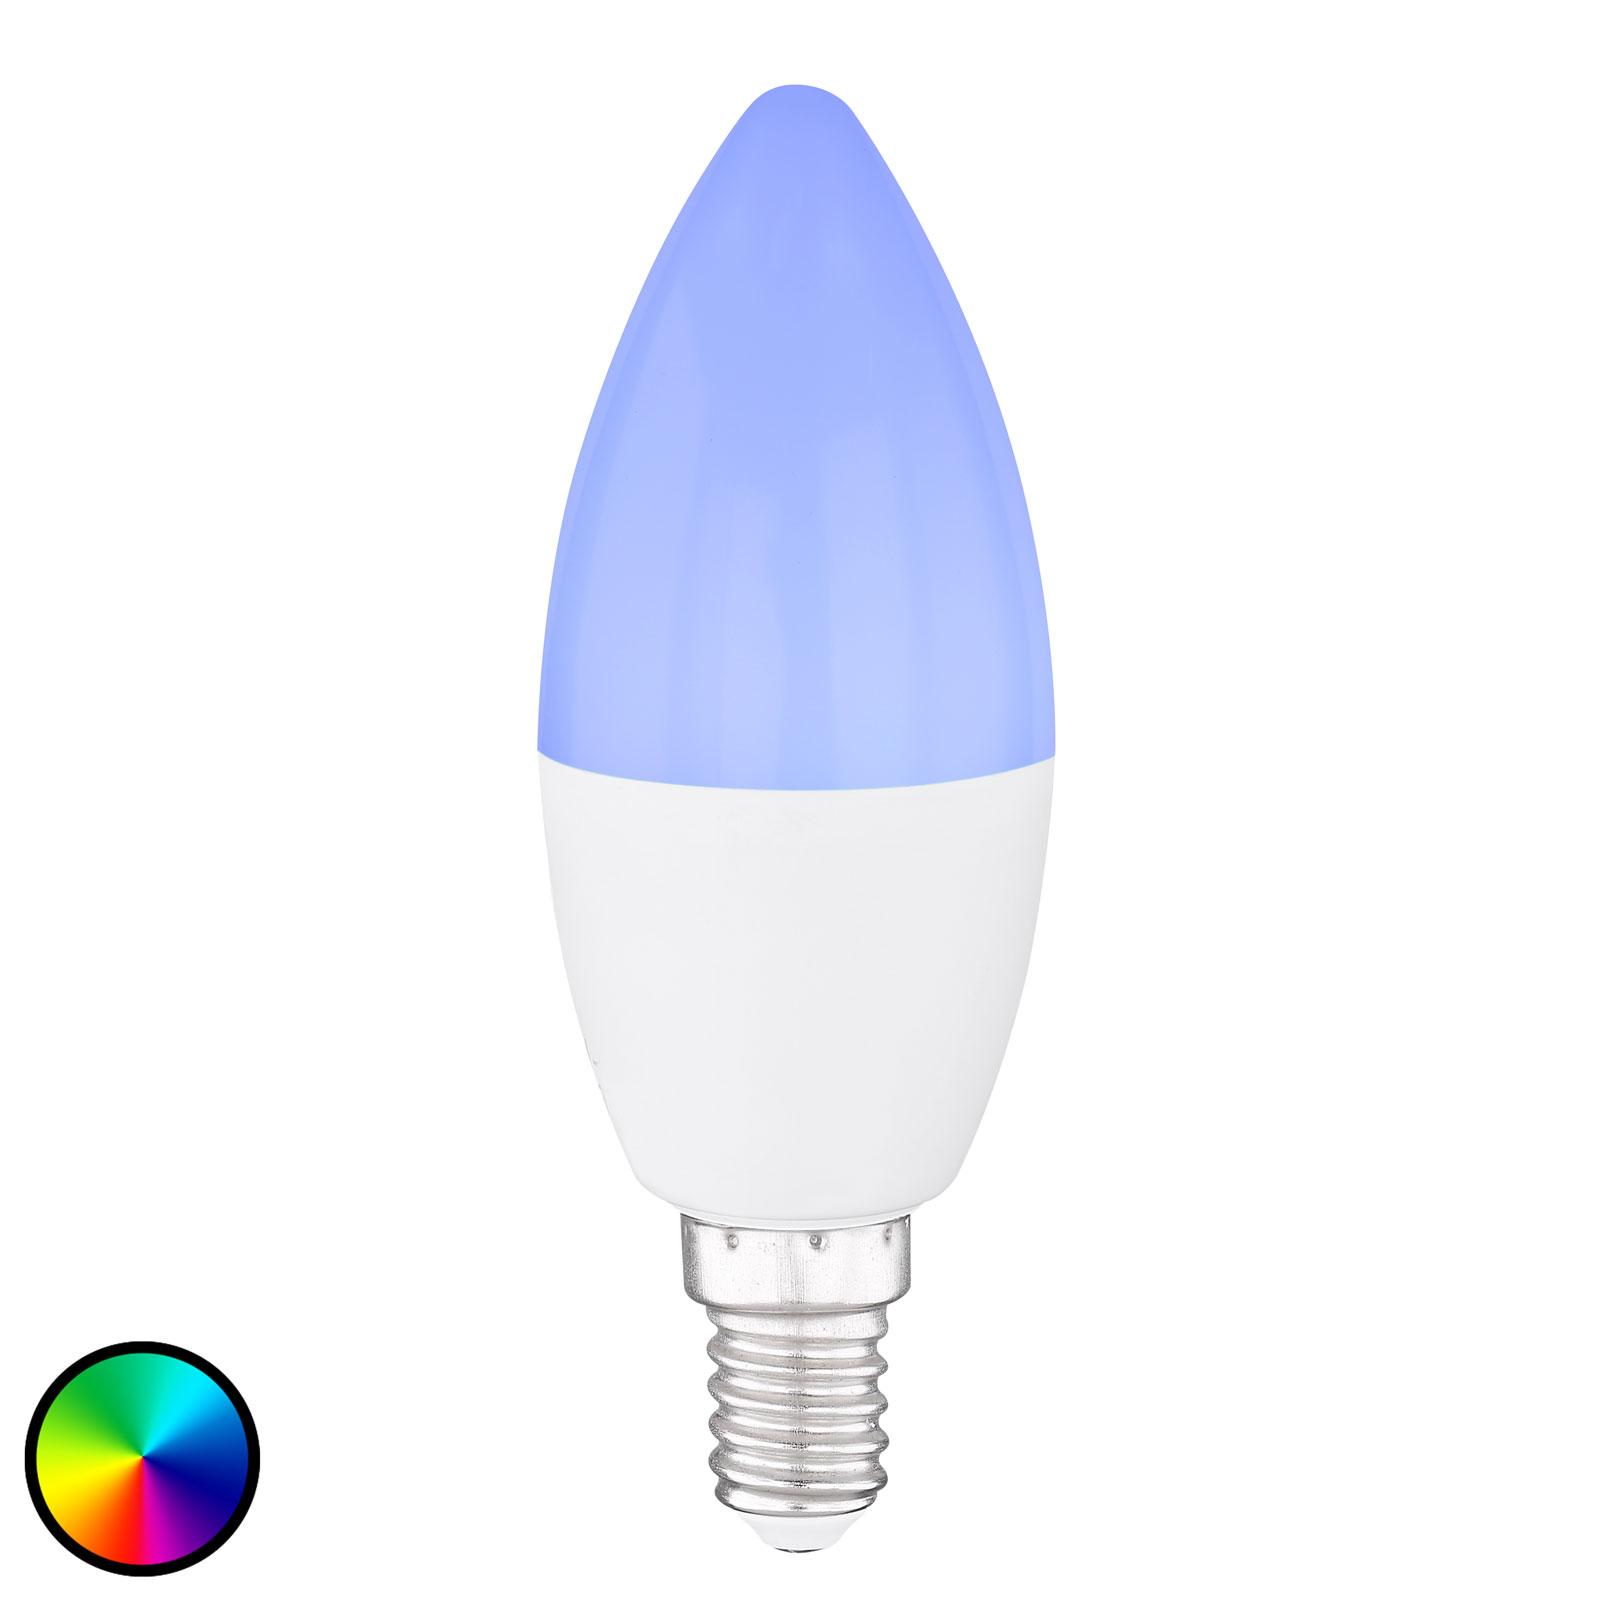 Żarówka świeca LED E14, 4,5W Tuya-Smart RGBW CCT